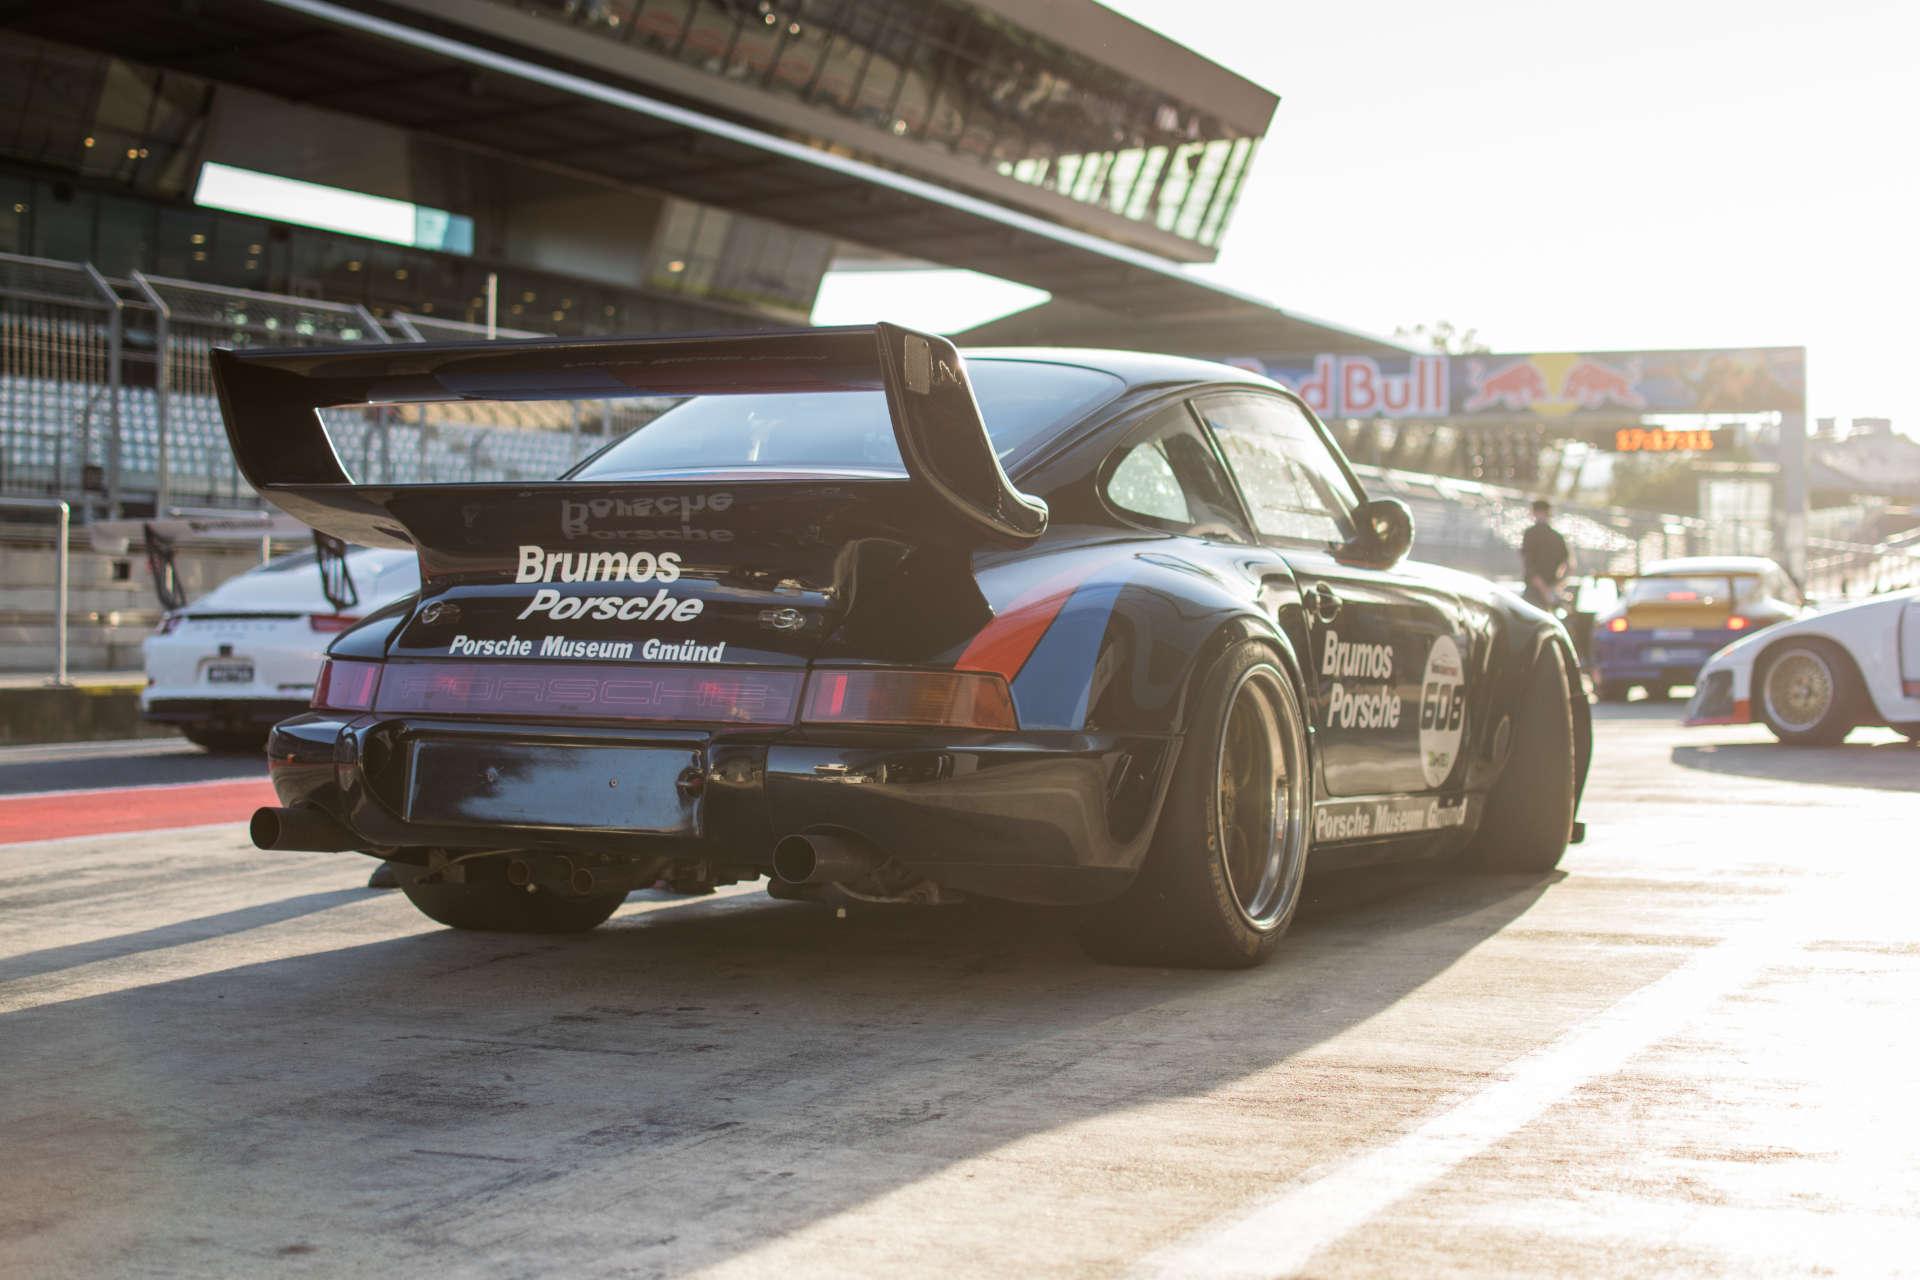 Brumos Porsche 964